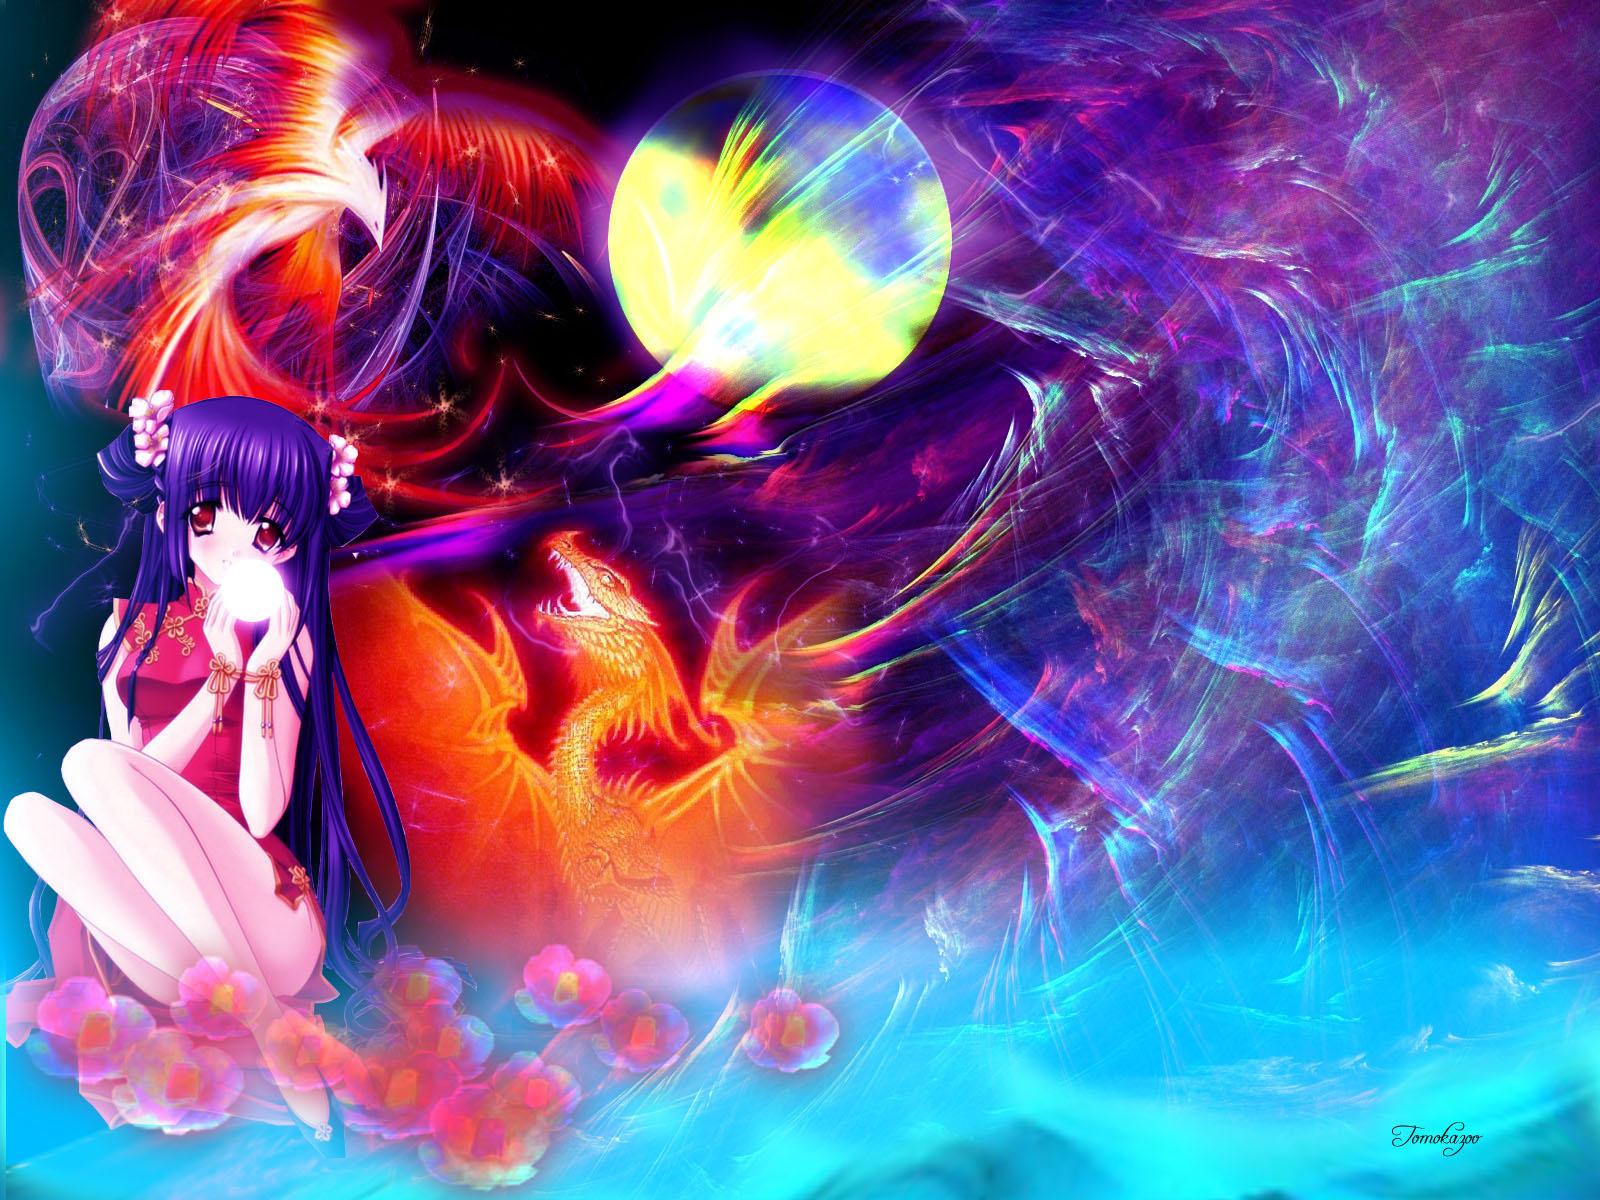 Kao no Nai Tsuki Wallpaper: Dragon and Phoenix - Minitokyo